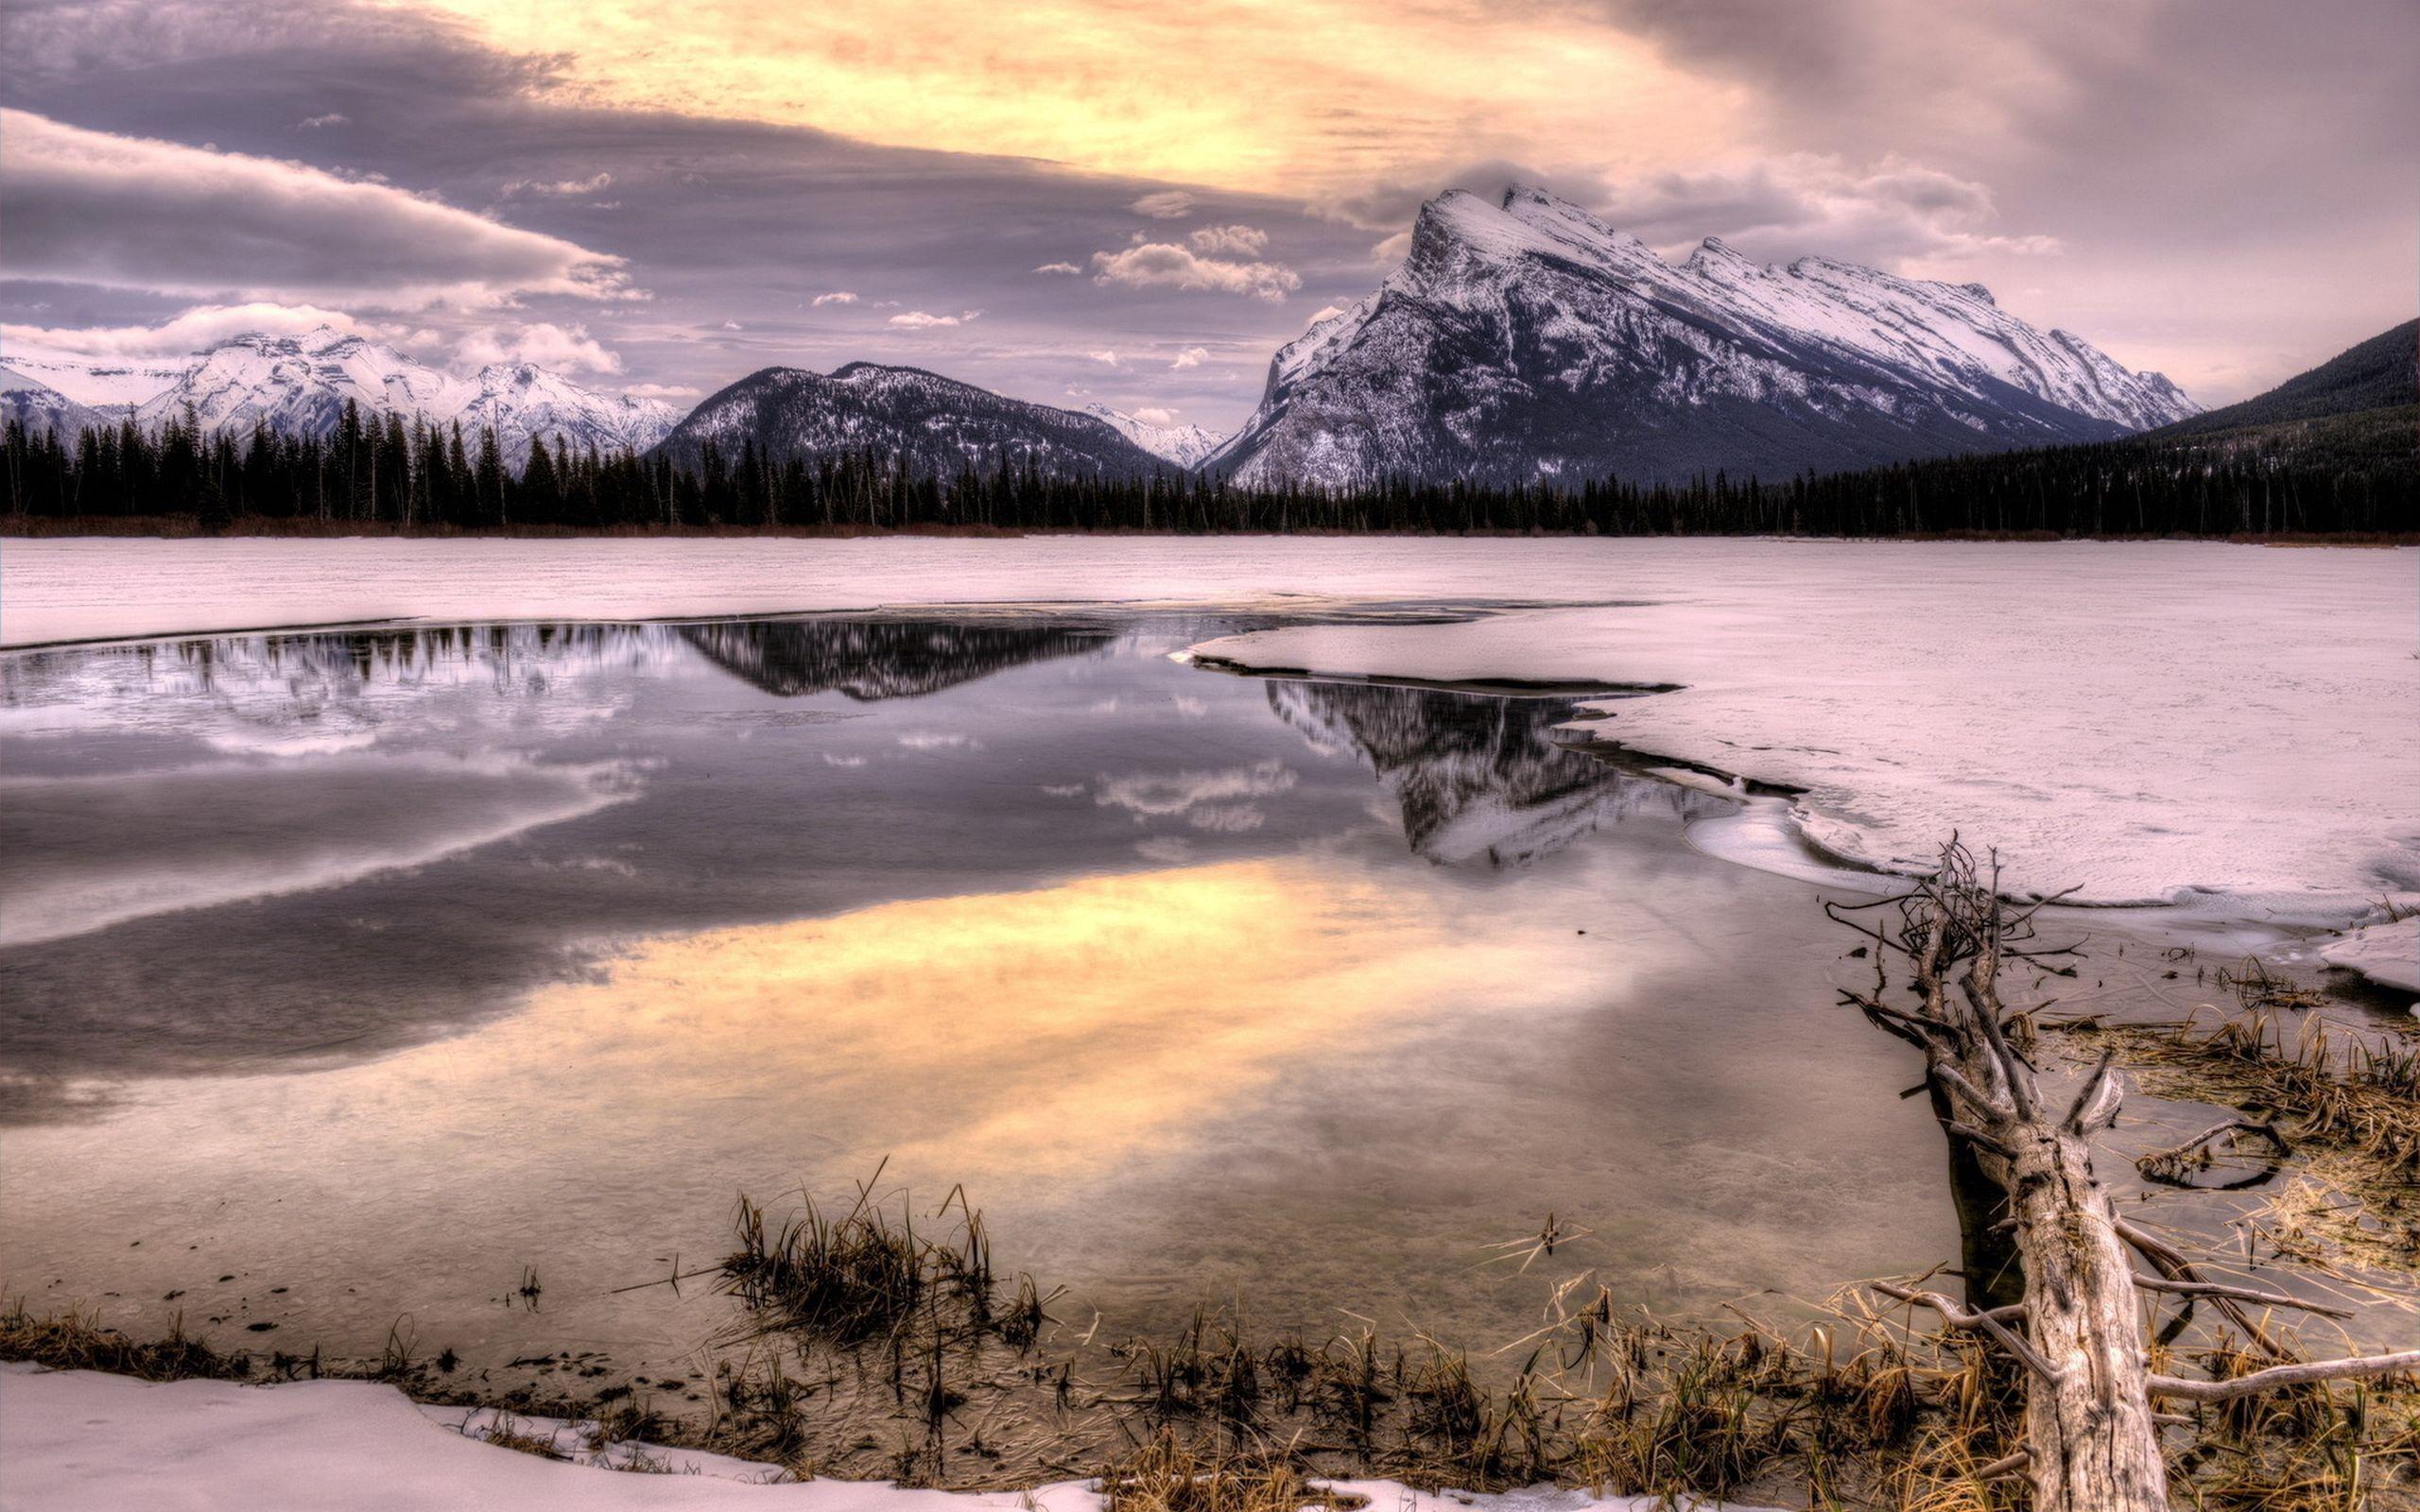 90818 papel de parede 480x800 em seu telefone gratuitamente, baixe imagens Inverno, Natureza, Montanhas, Neve 480x800 em seu celular